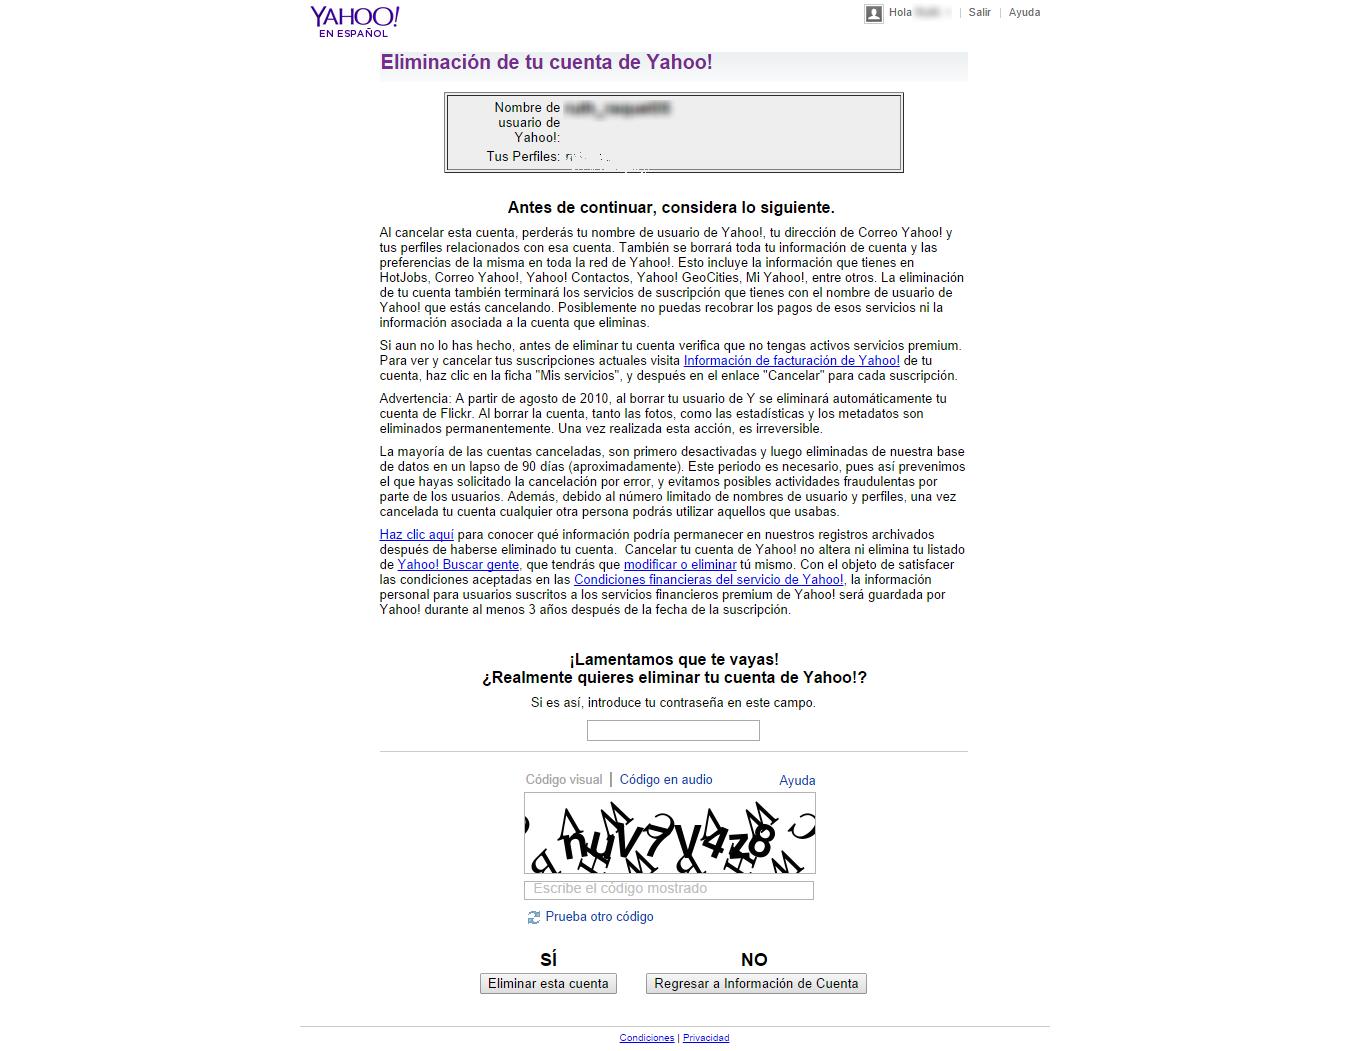 ¿Cómo cancelar, eliminar o cerrar mi cuenta de Yahoo?